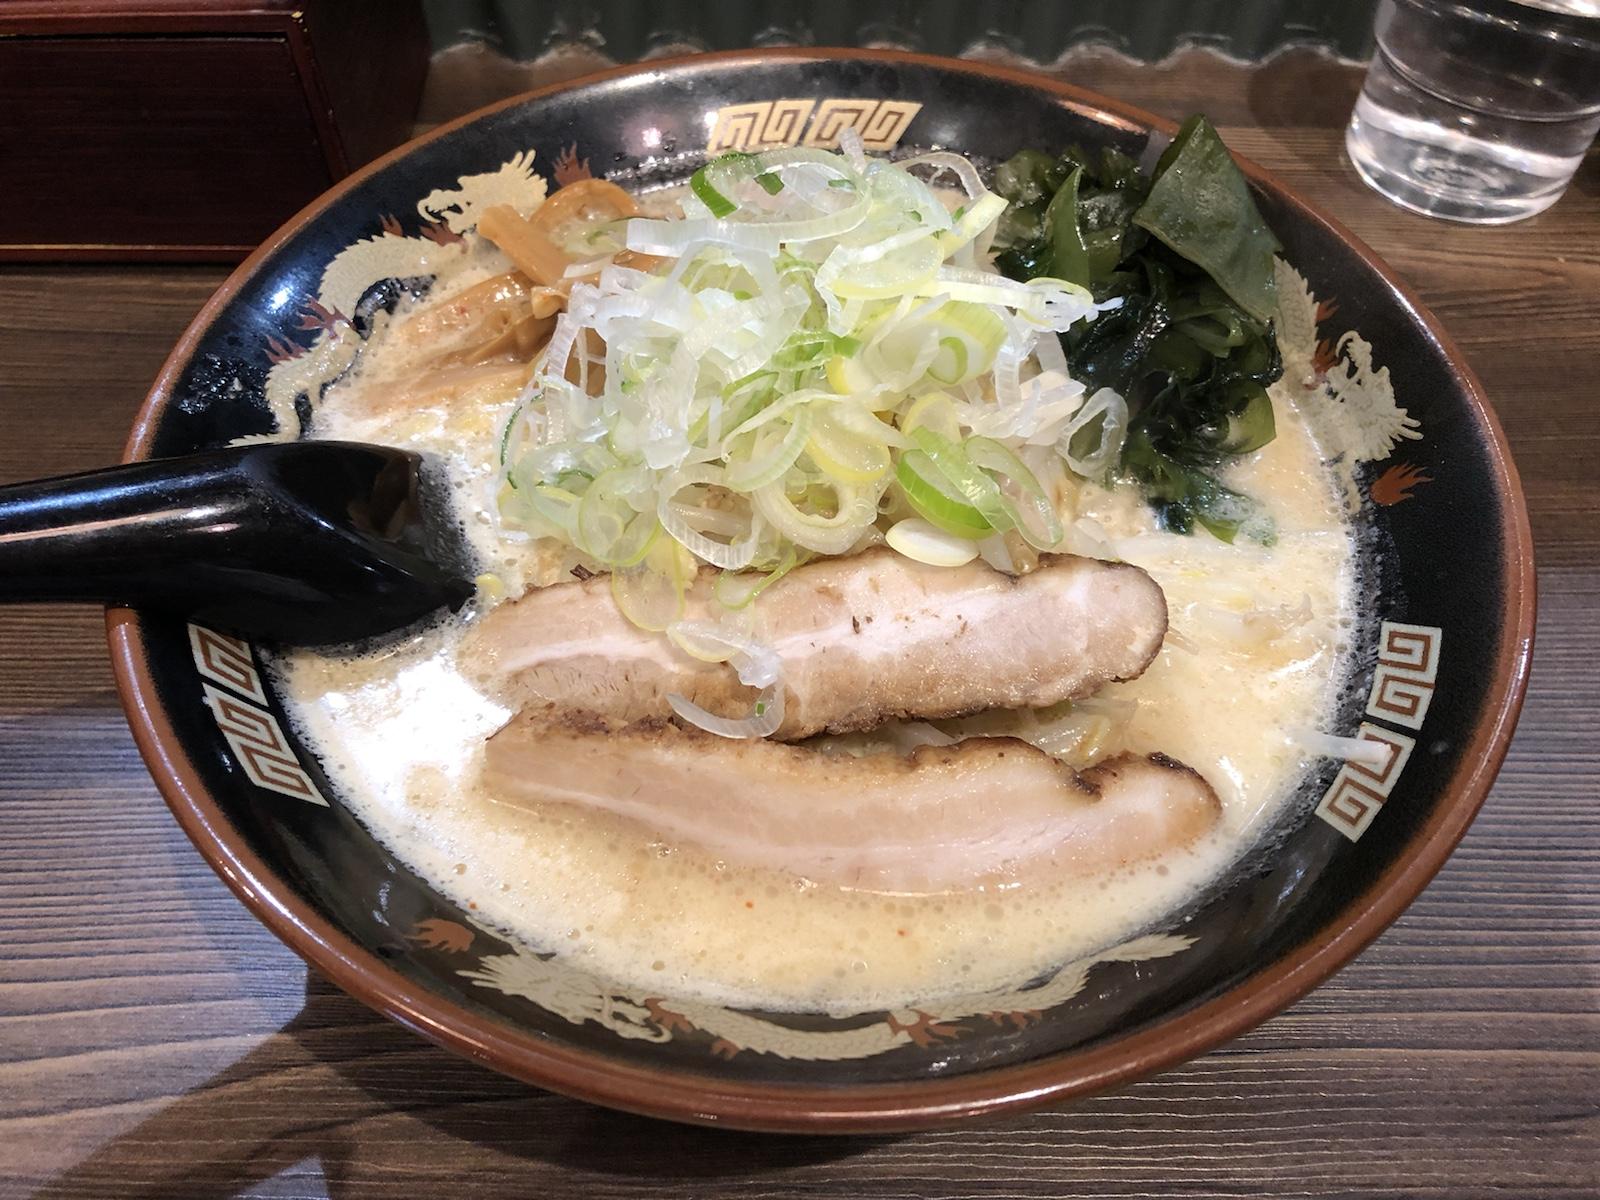 クリーミーな味噌スープに弾力たまご麺!秋葉原「北海道らぁ麺 ひむろ」